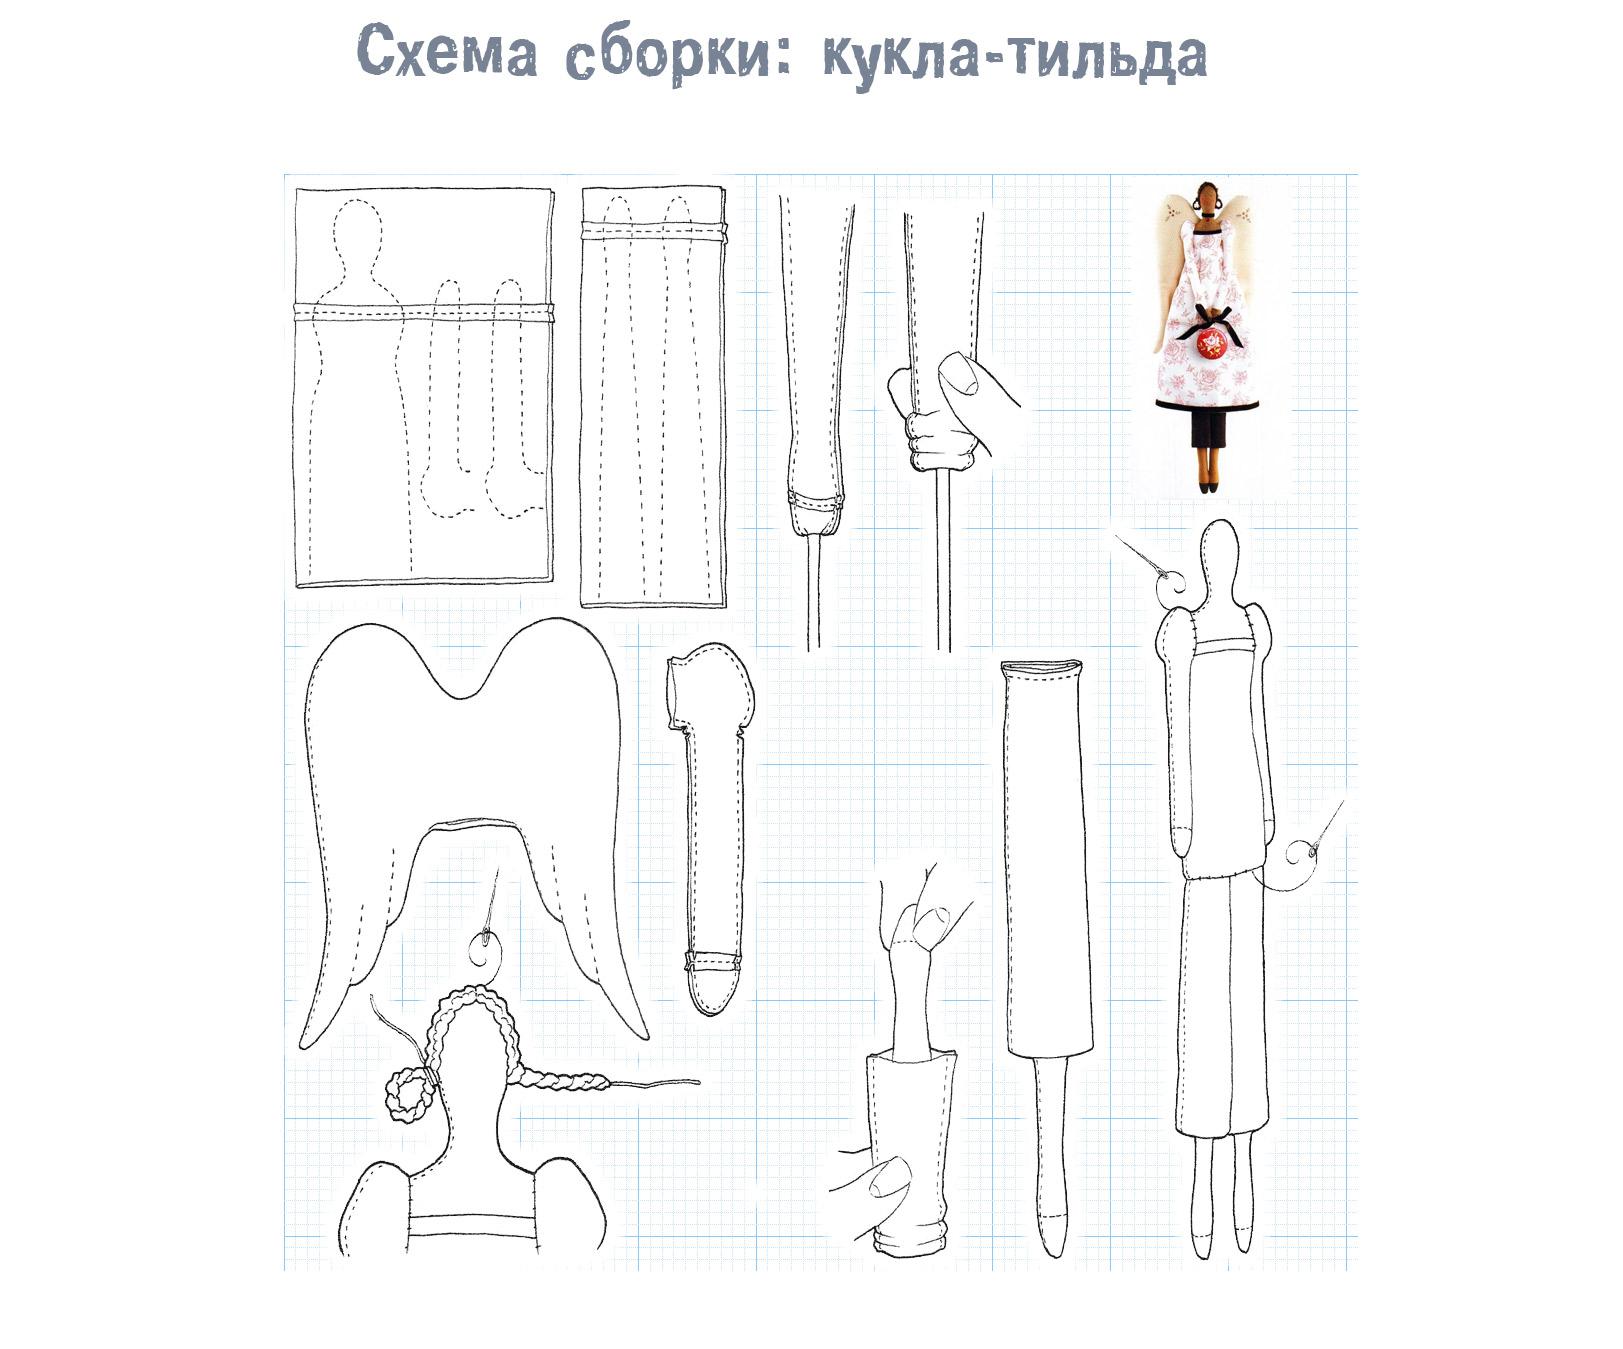 выкройка кукла тильда схема сборки